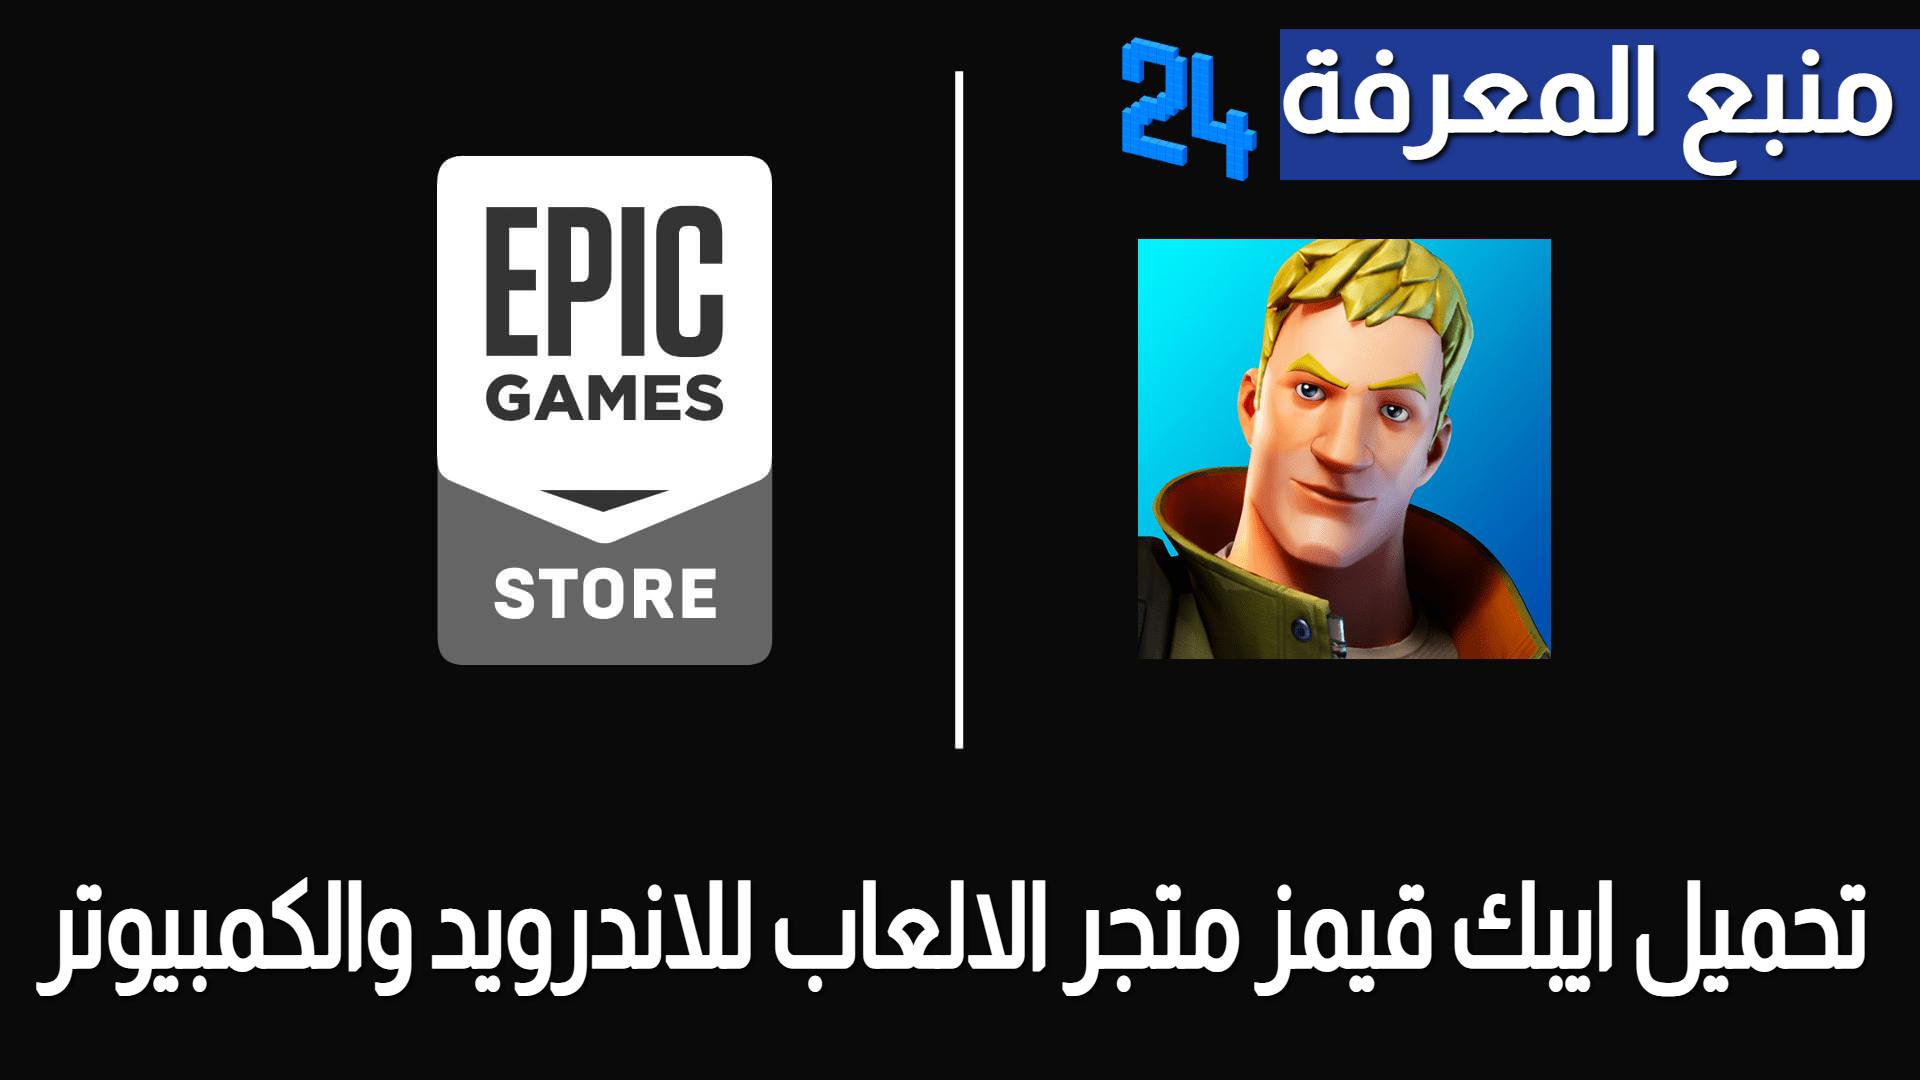 تحميل ايبك قيمز Epic Games متجر الالعاب للاندرويد والكمبيوتر